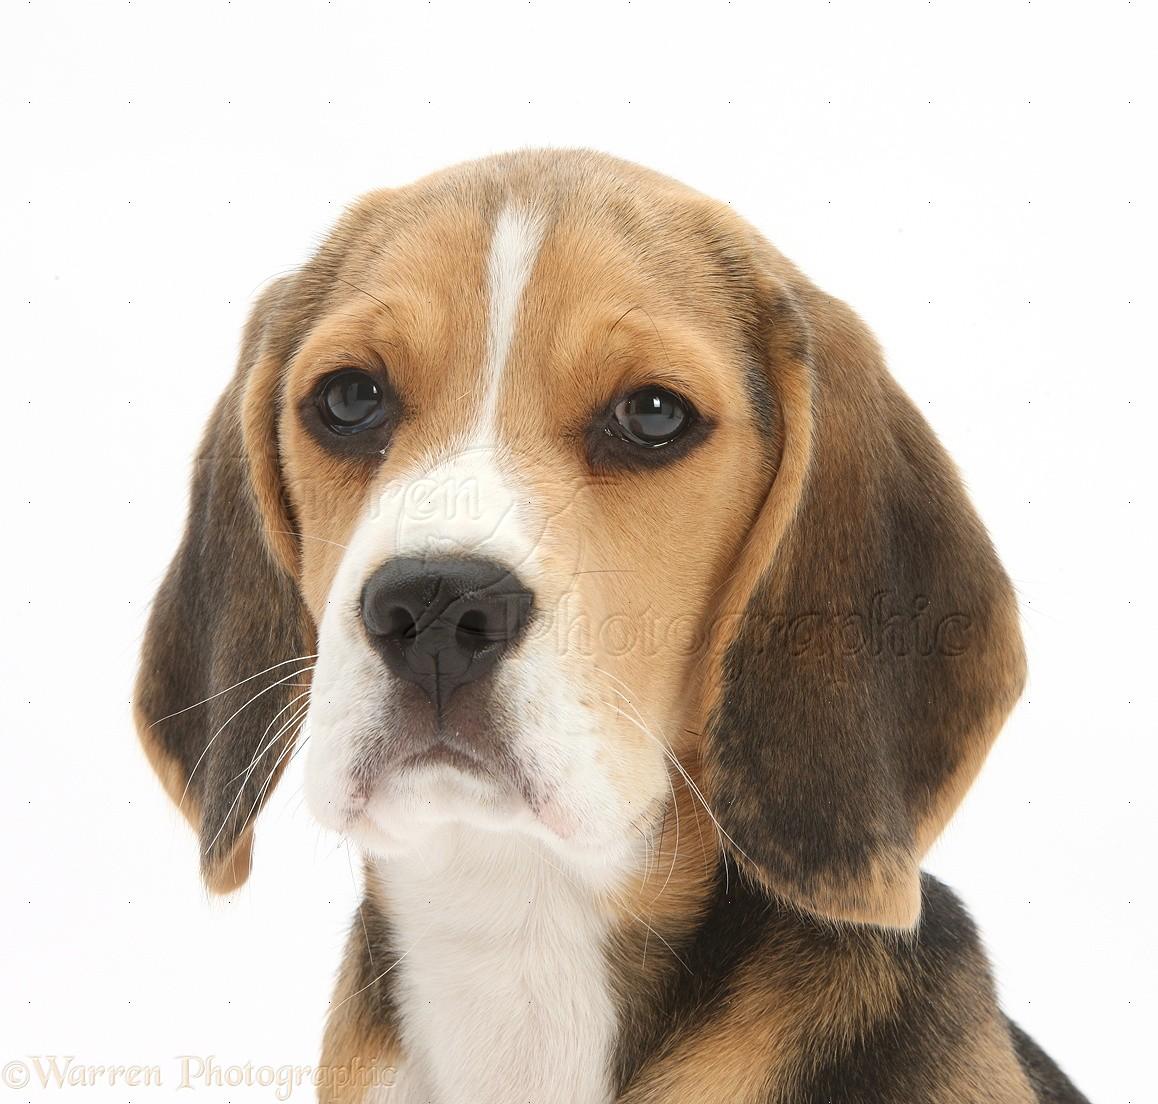 Dog Beagle Pup Photo Wp28396